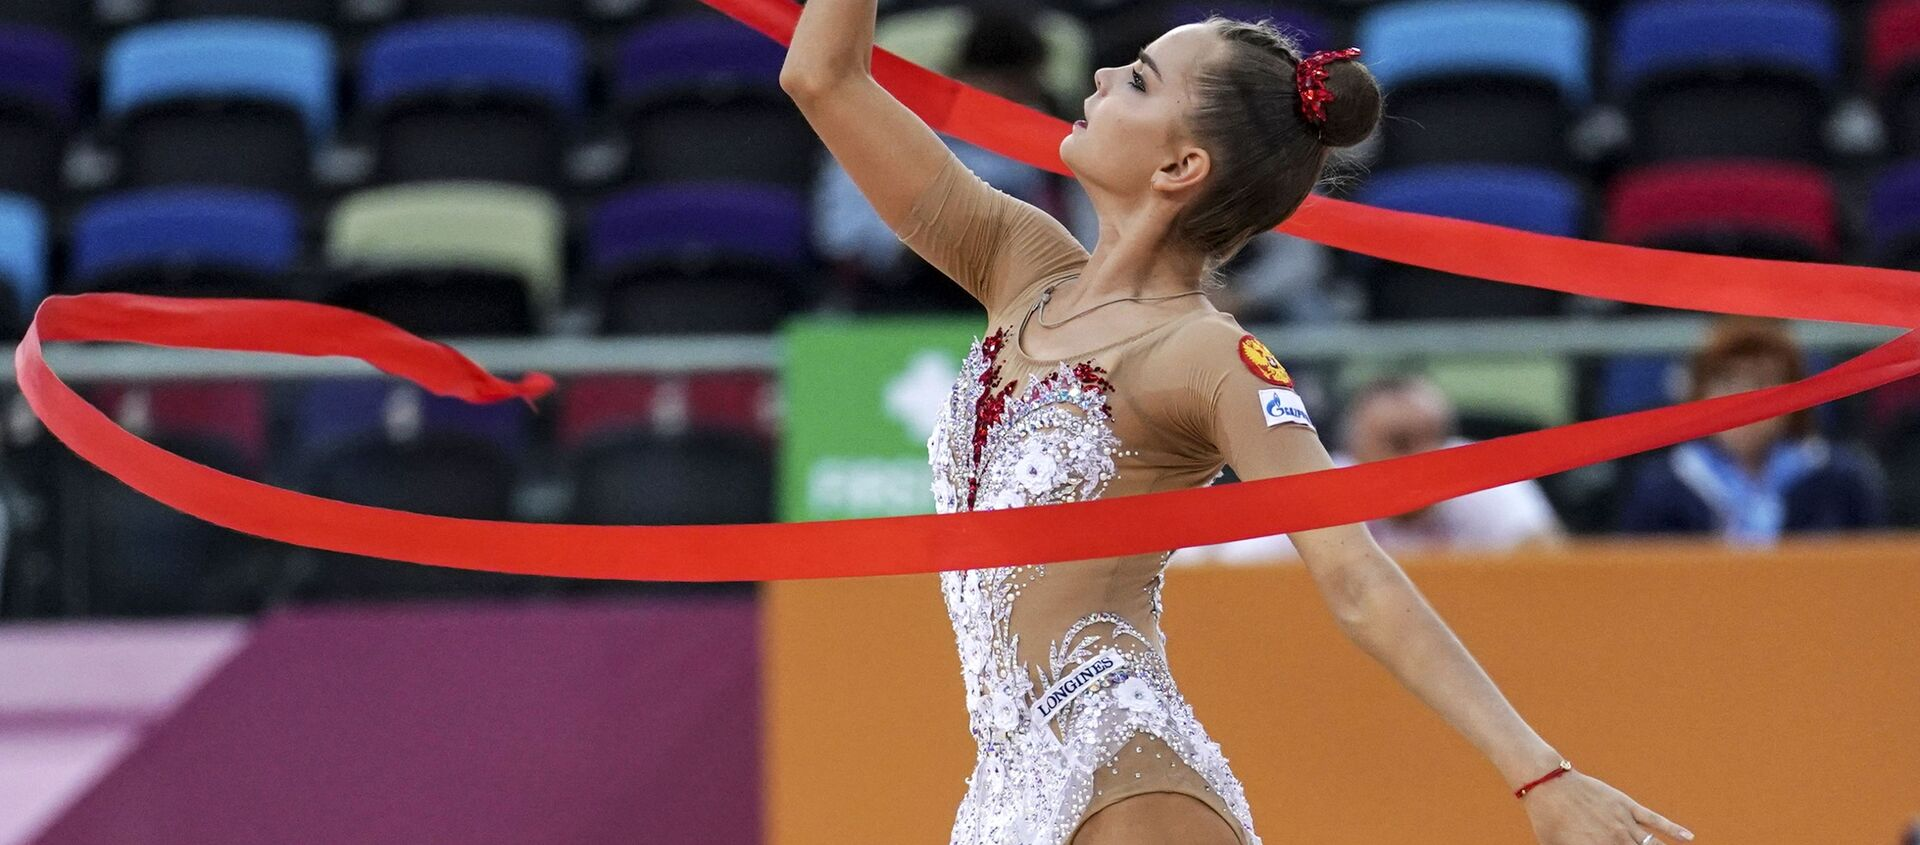 Dina Averina, gimnasta rusa - Sputnik Mundo, 1920, 20.09.2019